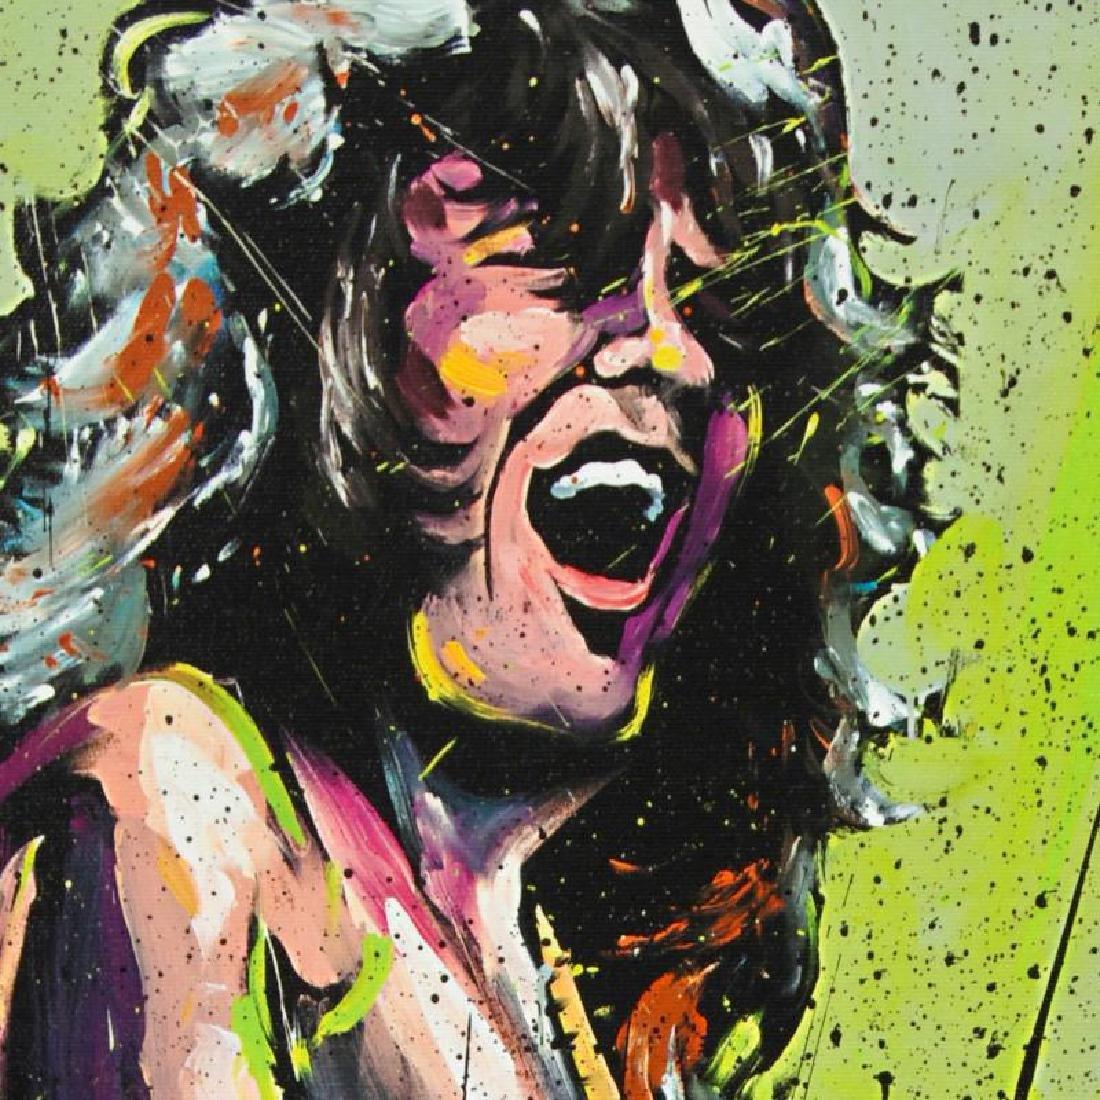 Eddie Van Halen (Eddie) by Garibaldi, David - 2